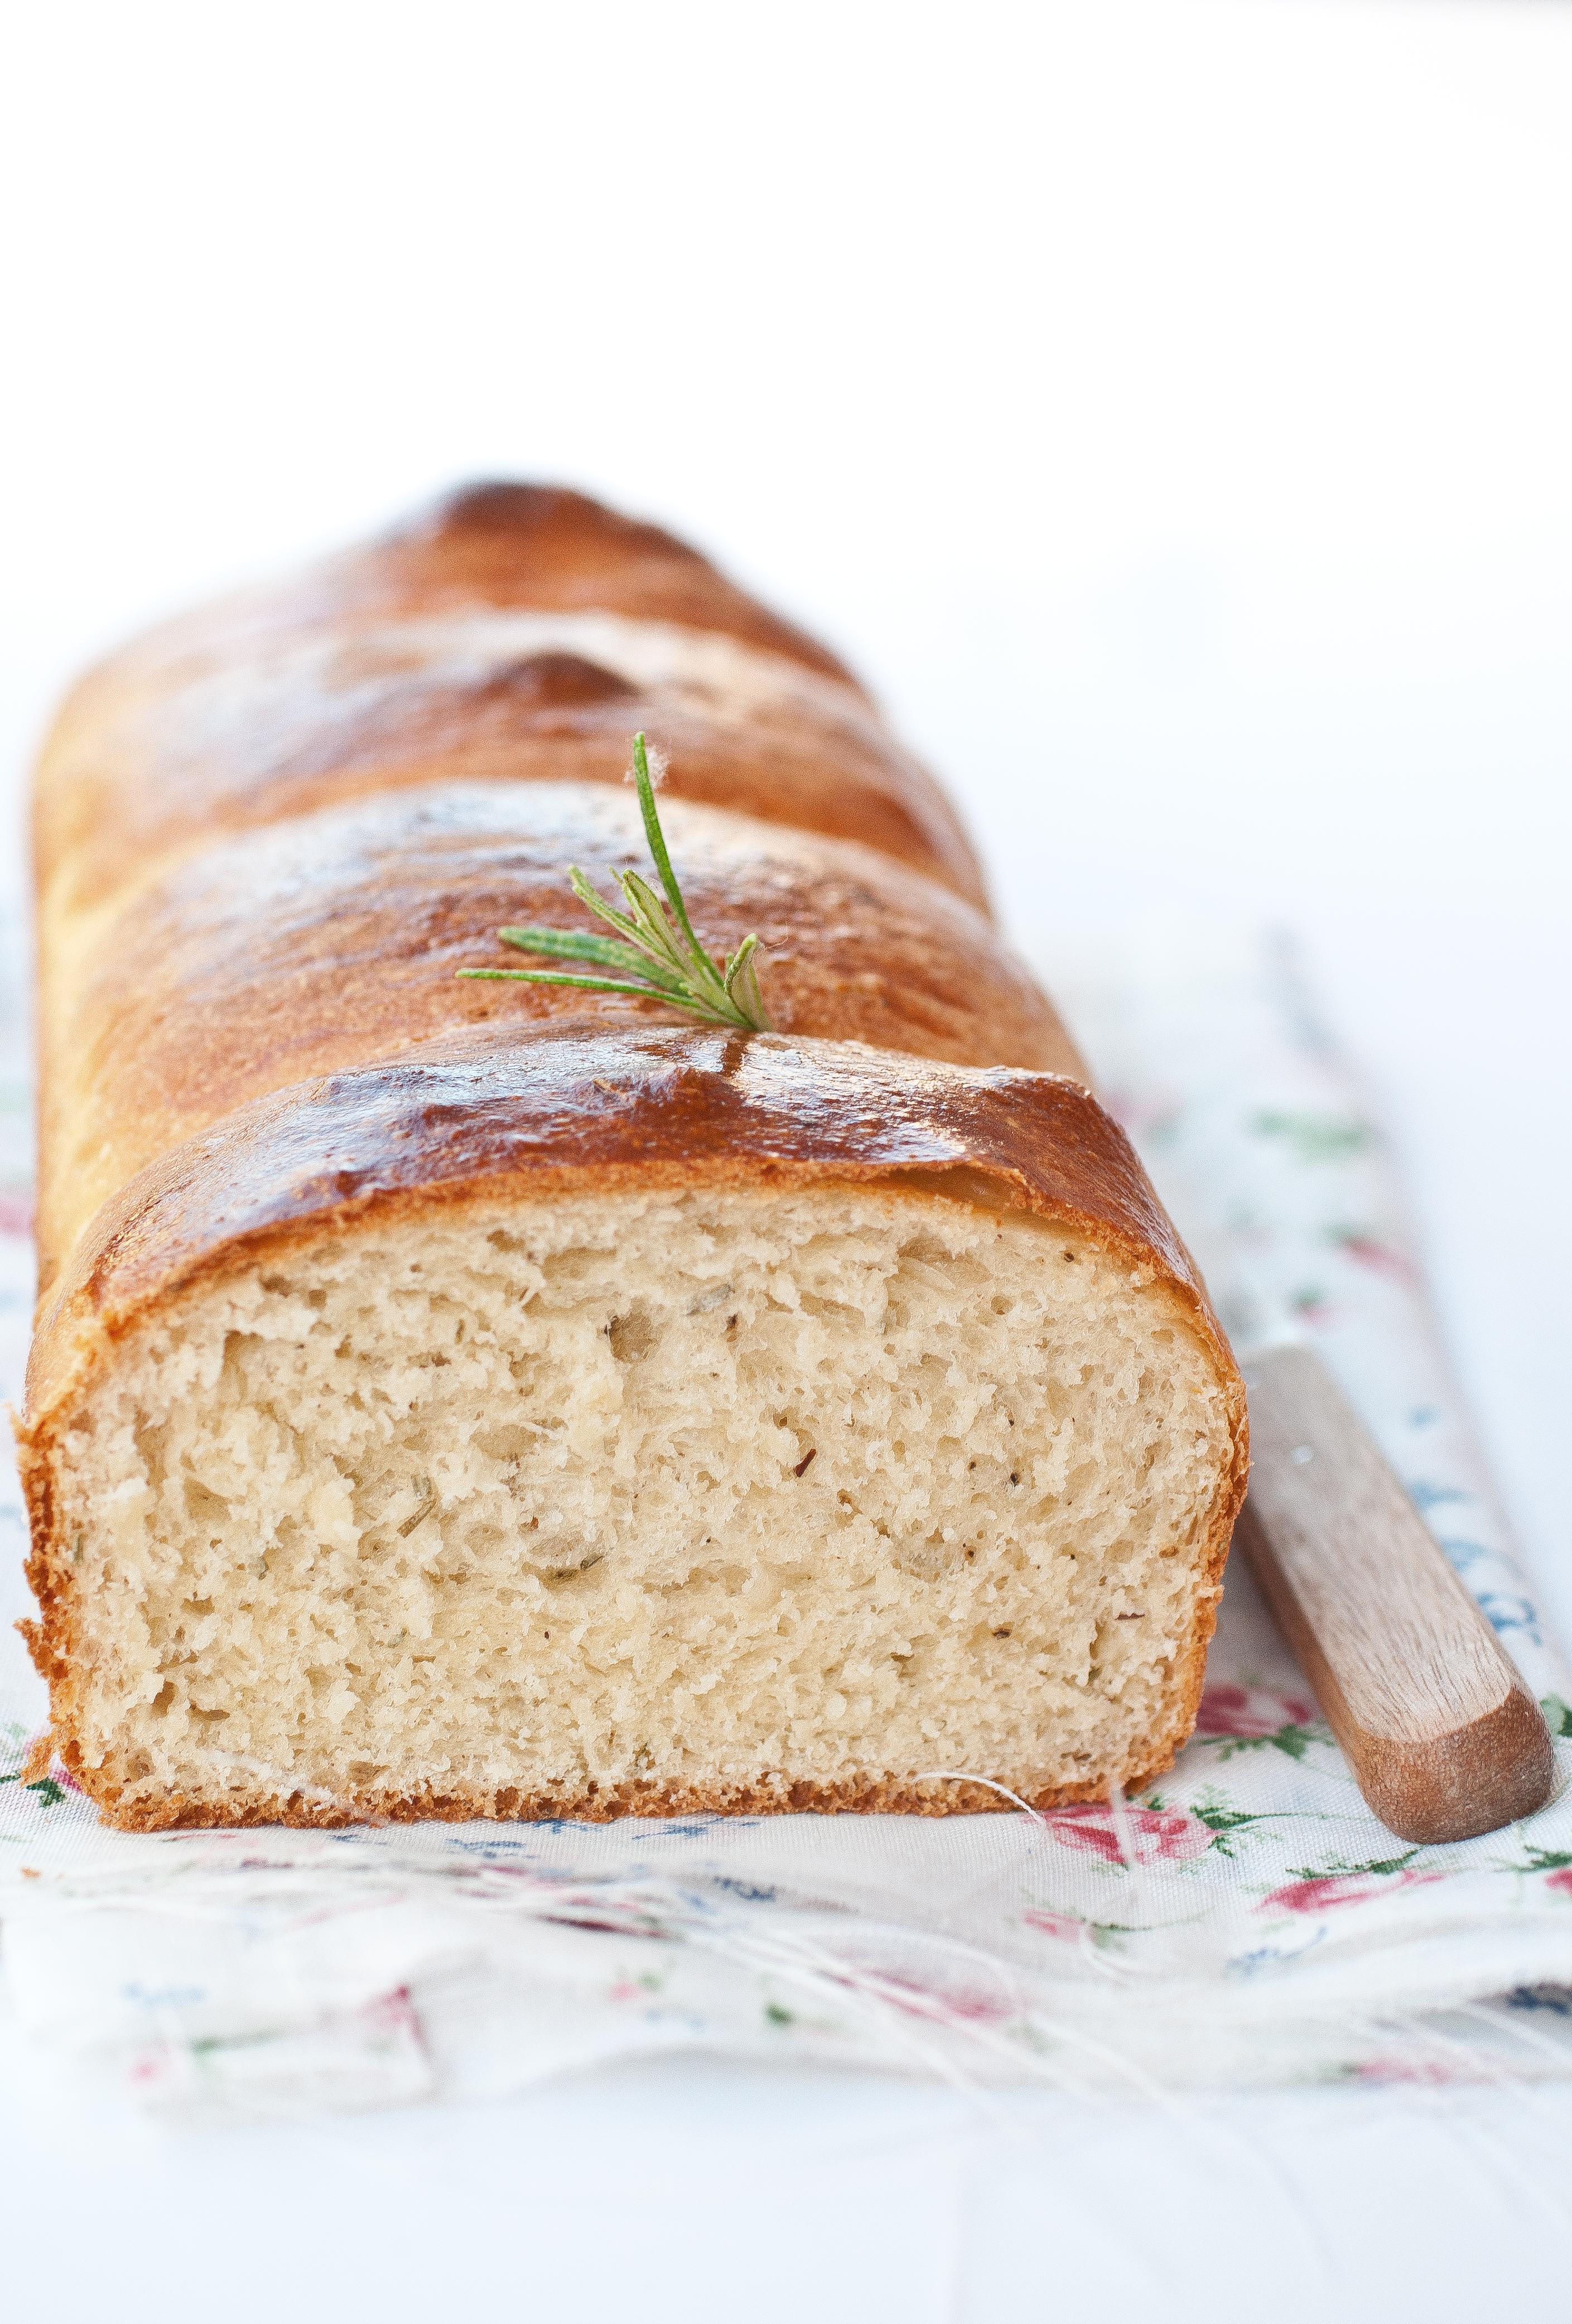 Pan brioche salato al rosmarino